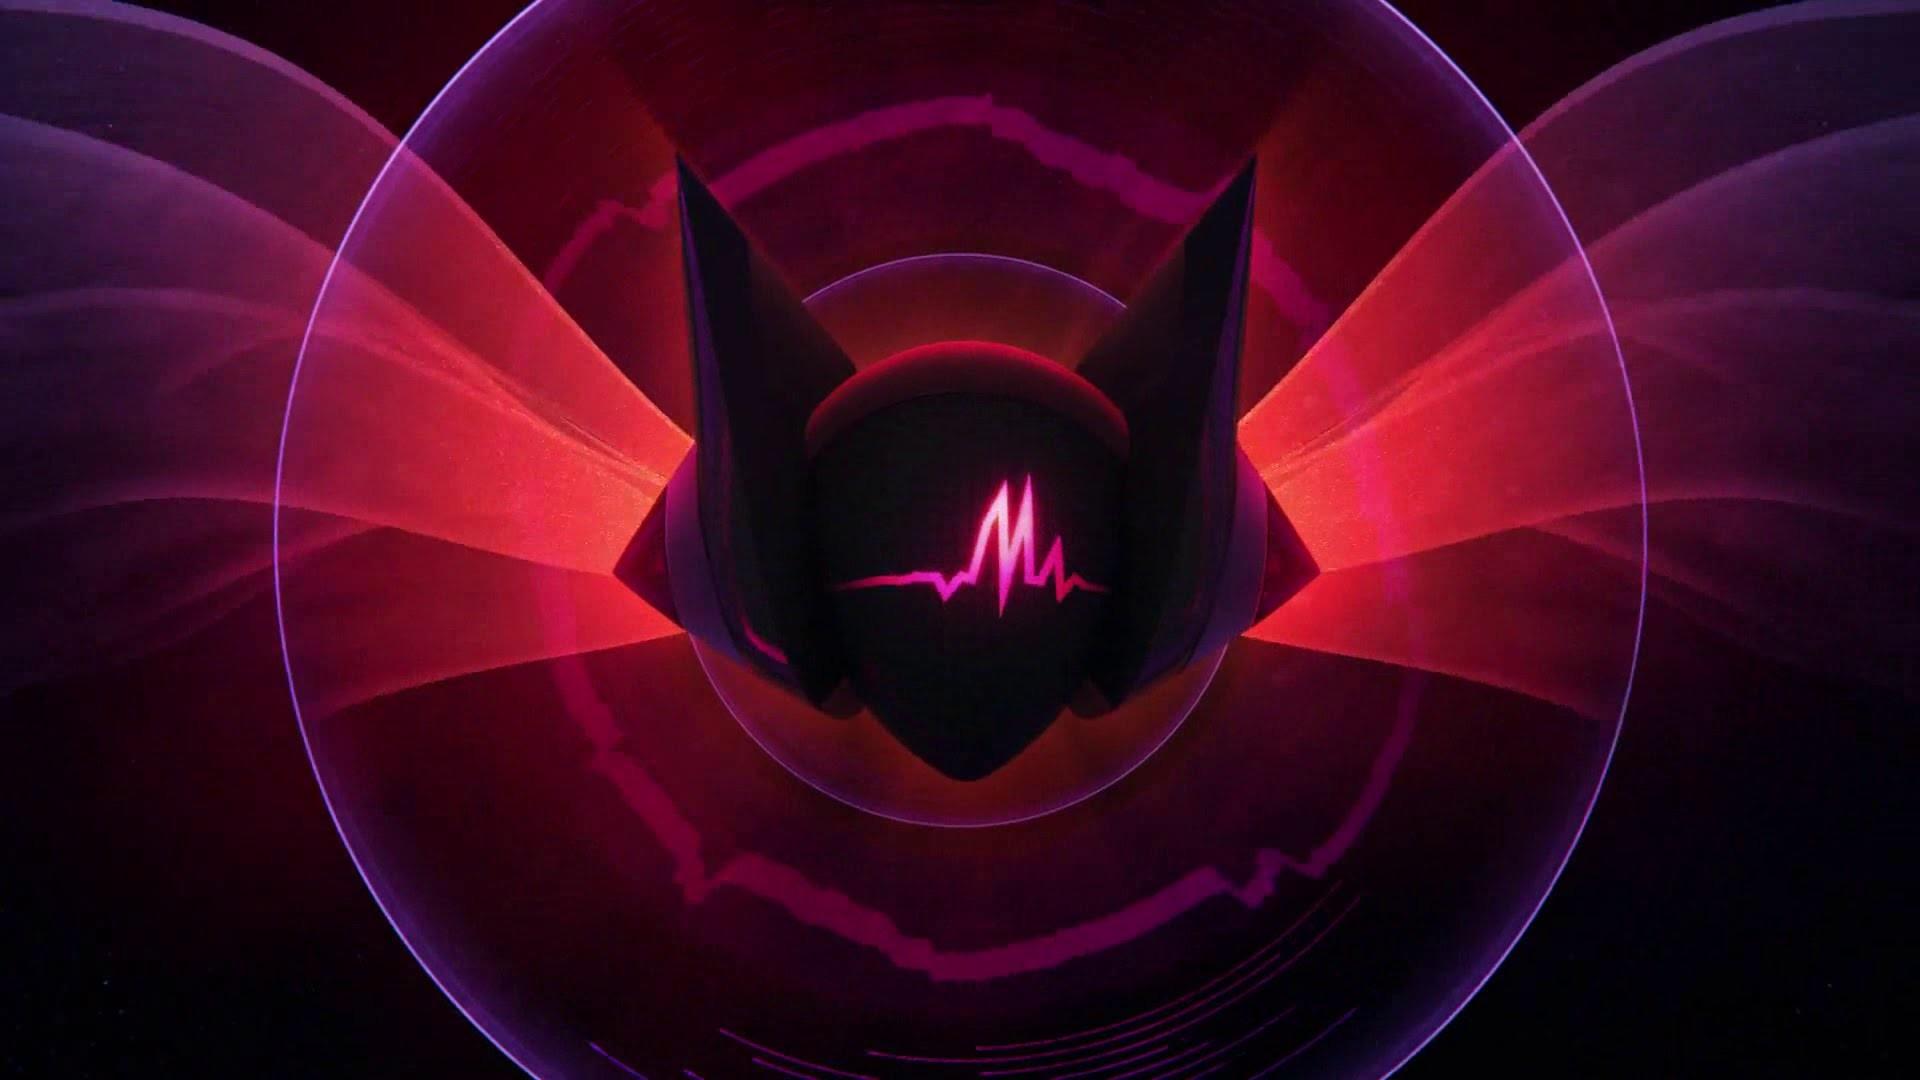 DJ Sona Animated Wallpaper (Concussive) – YouTube